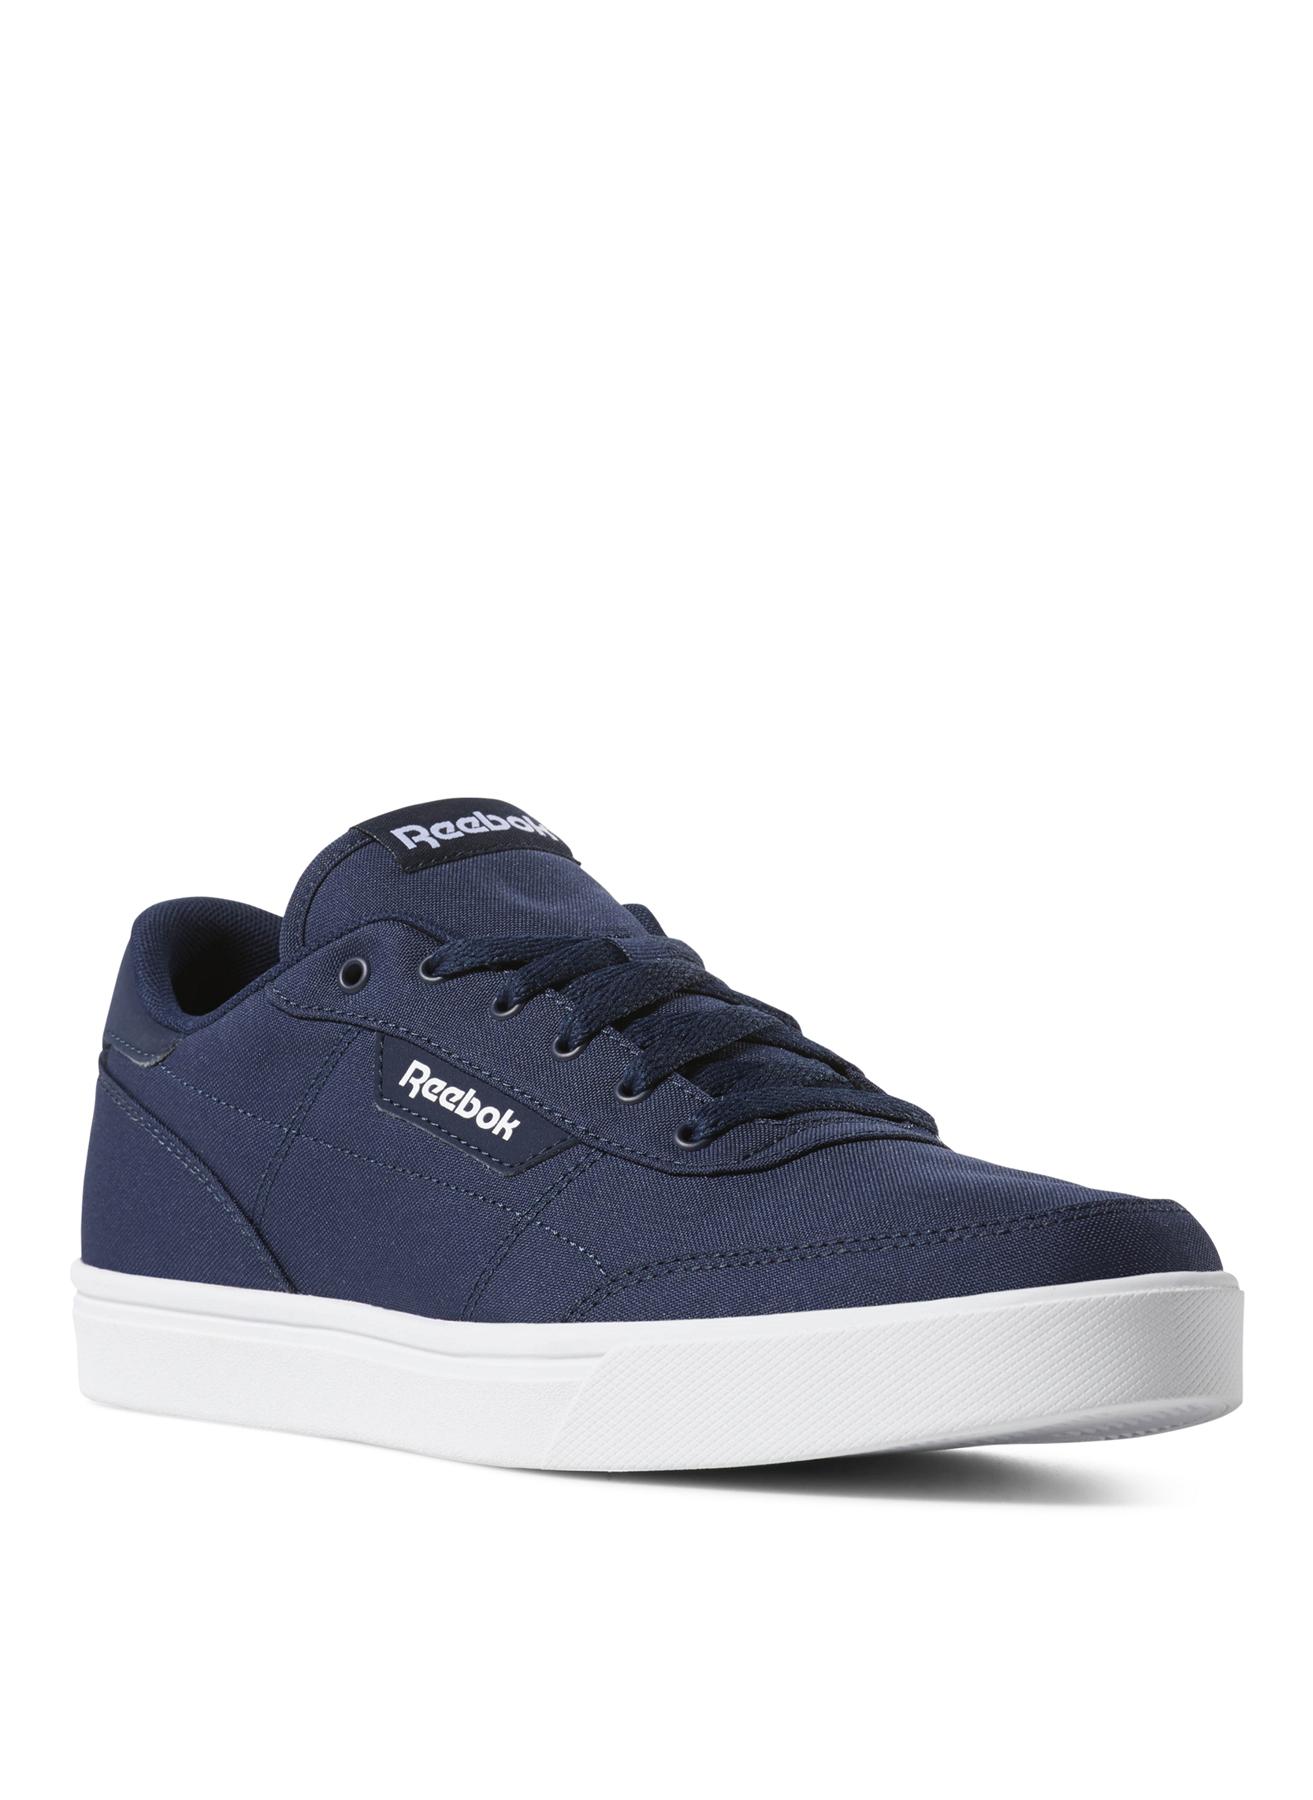 Reebok Lifestyle Ayakkabı 42.5 5002359679009 Ürün Resmi